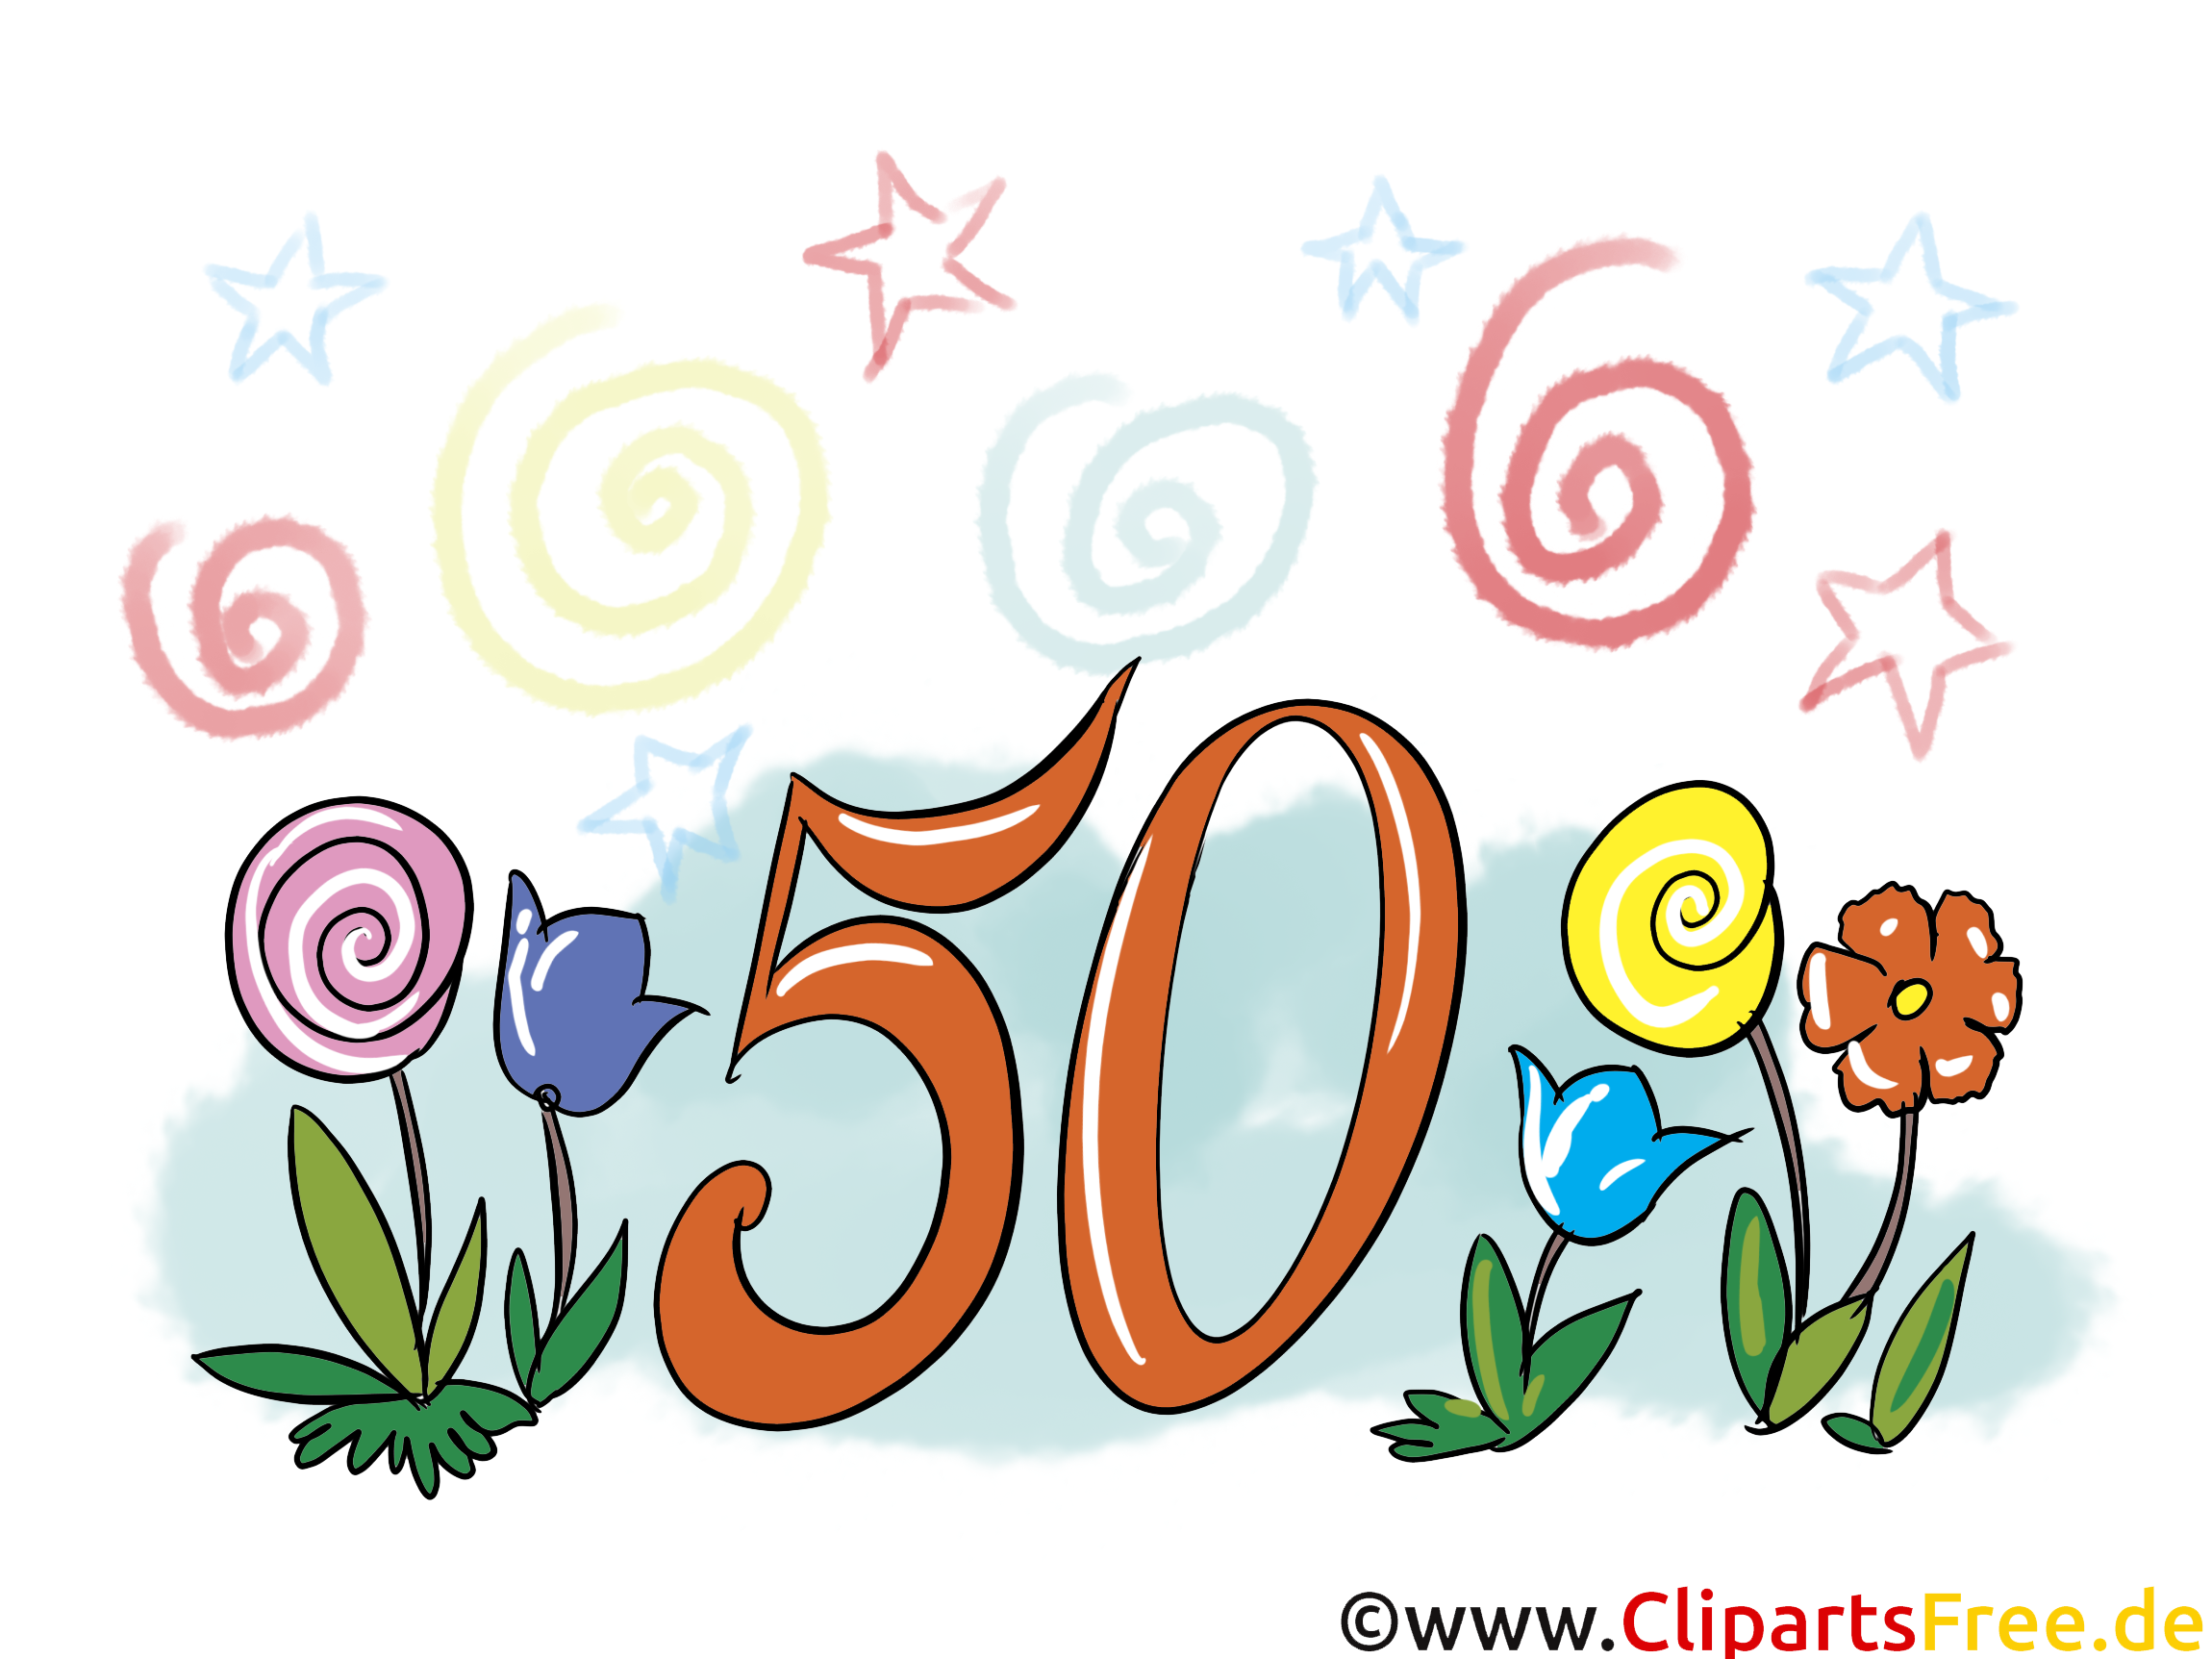 cliparts kostenlos geburtstag 50 - photo #49